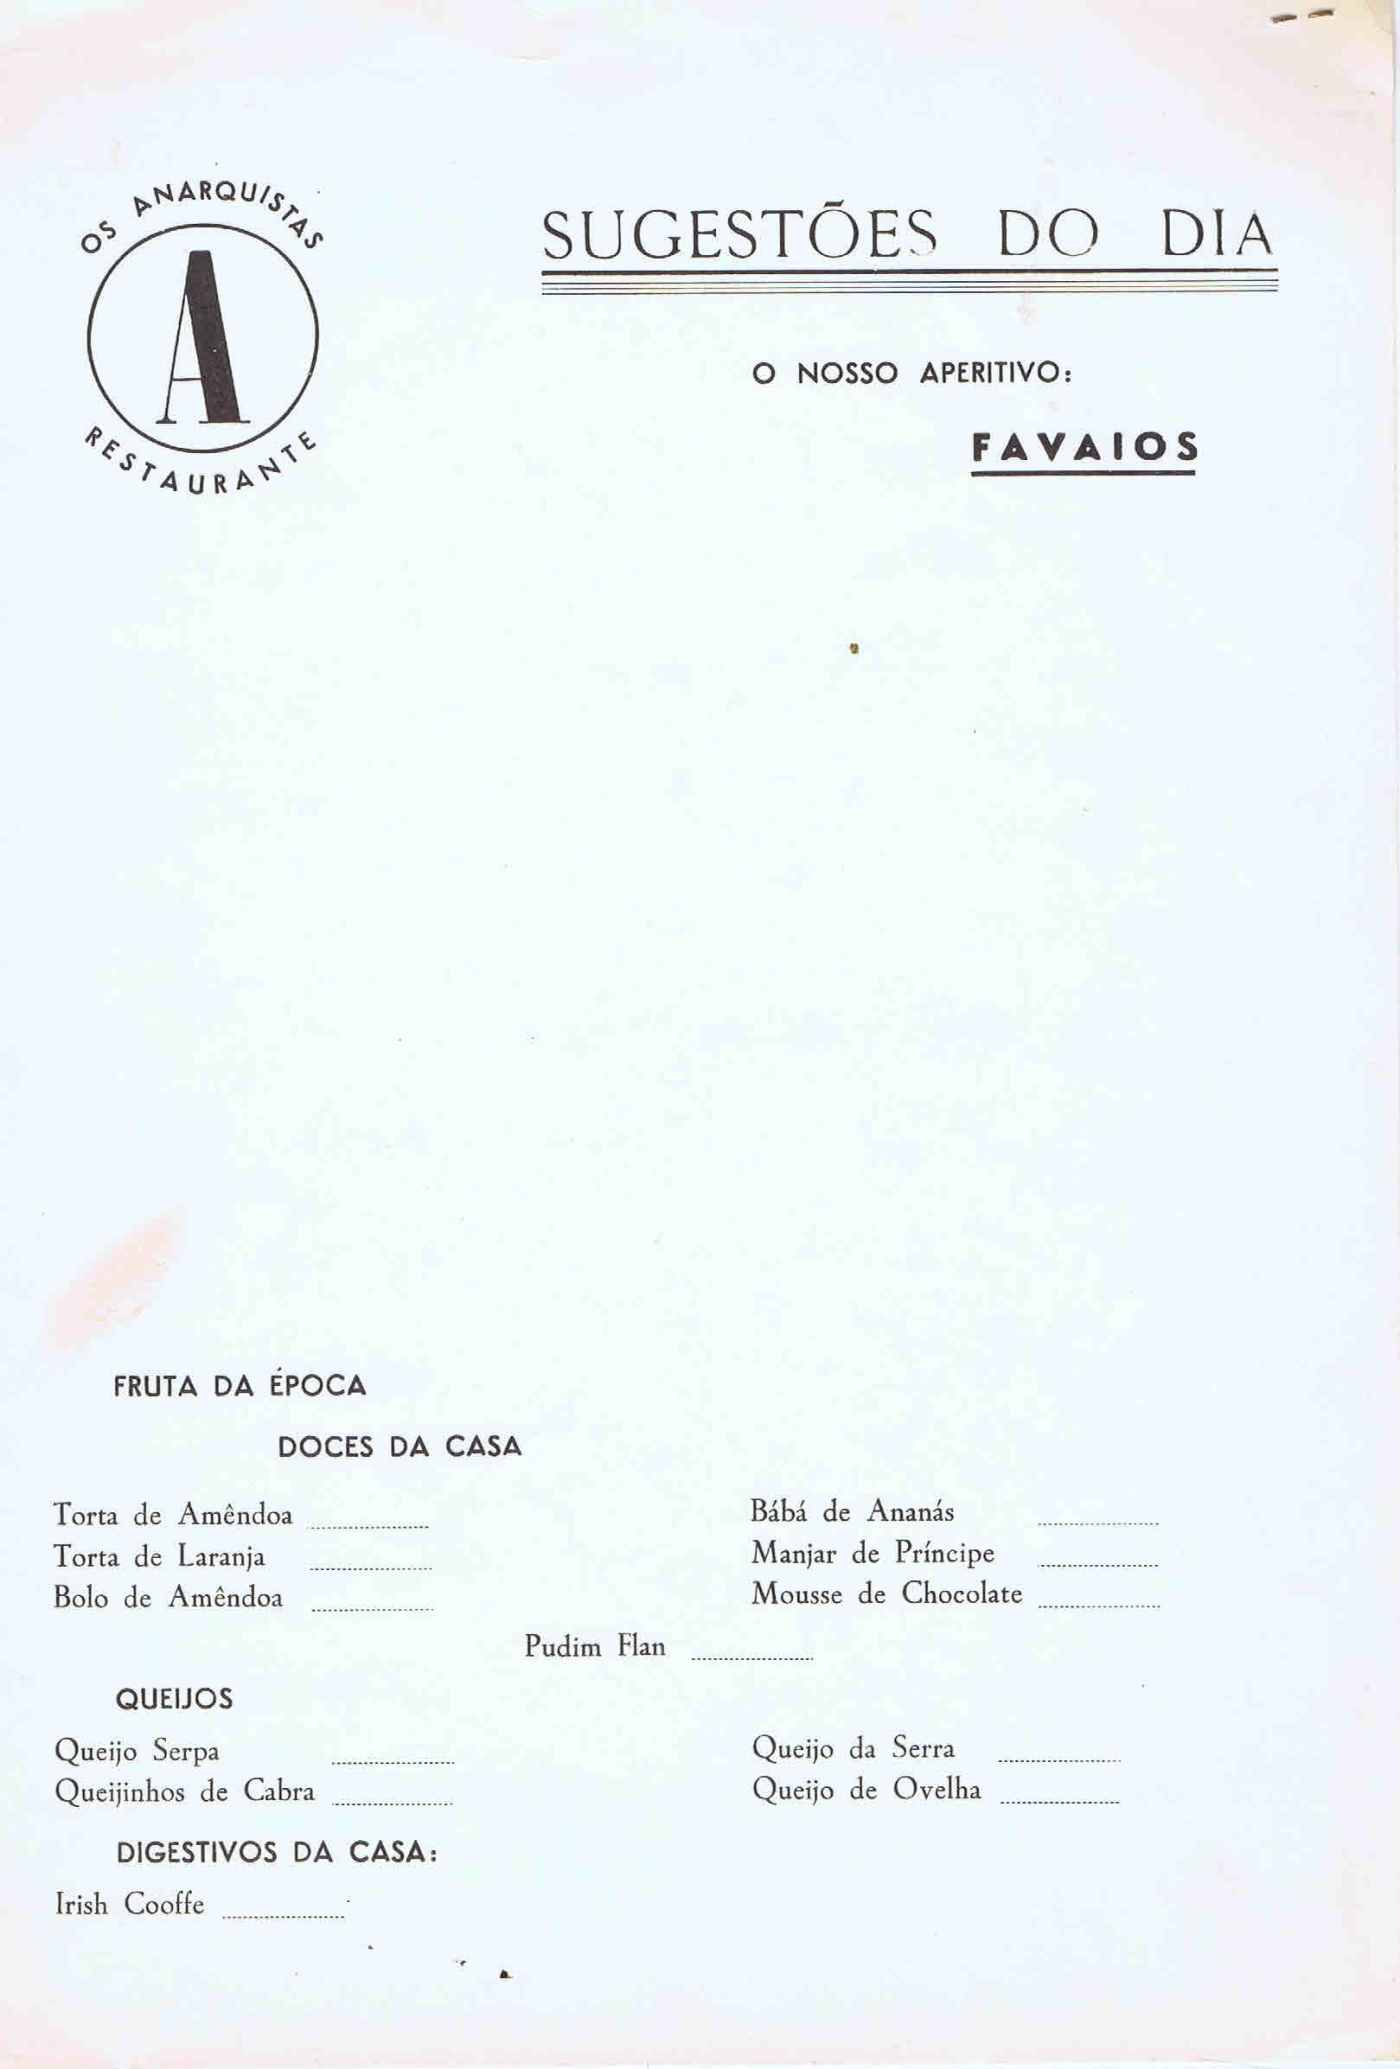 Restaurante os anarquistas menu de abril de 1975 ephemera restaurante os anarquistas menu de abril de 1975 ephemera biblioteca e arquivo de jos pacheco pereira fandeluxe Image collections